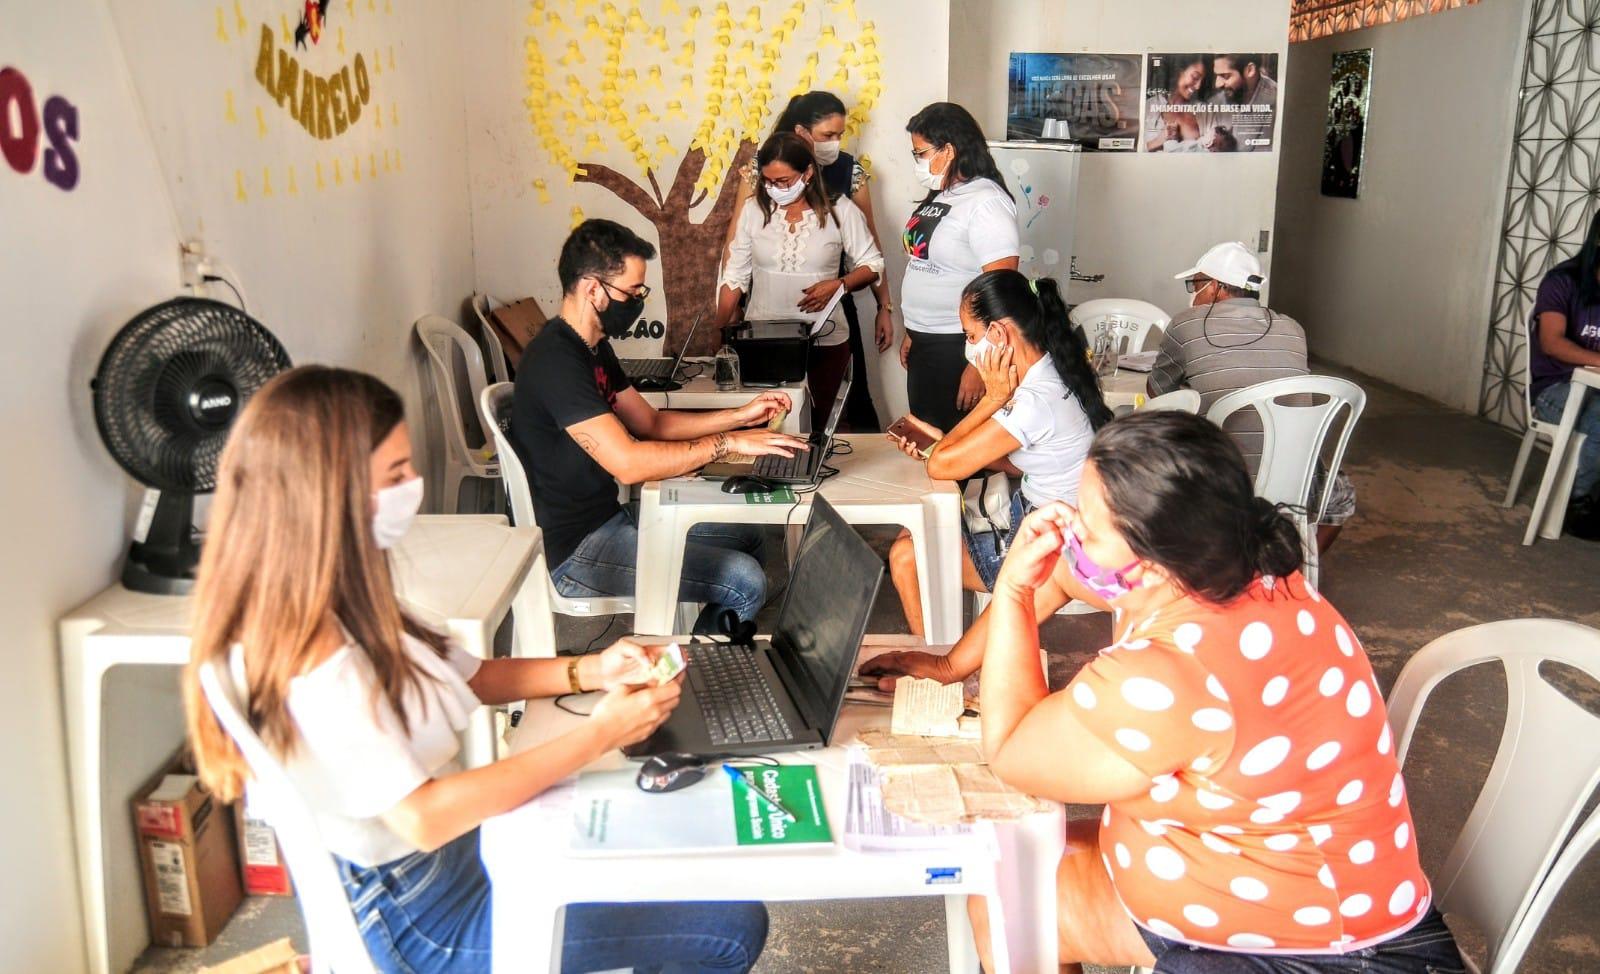 CRAS Sumaré recebe descentralização dos serviços do Cadastro Único e Plantão Social